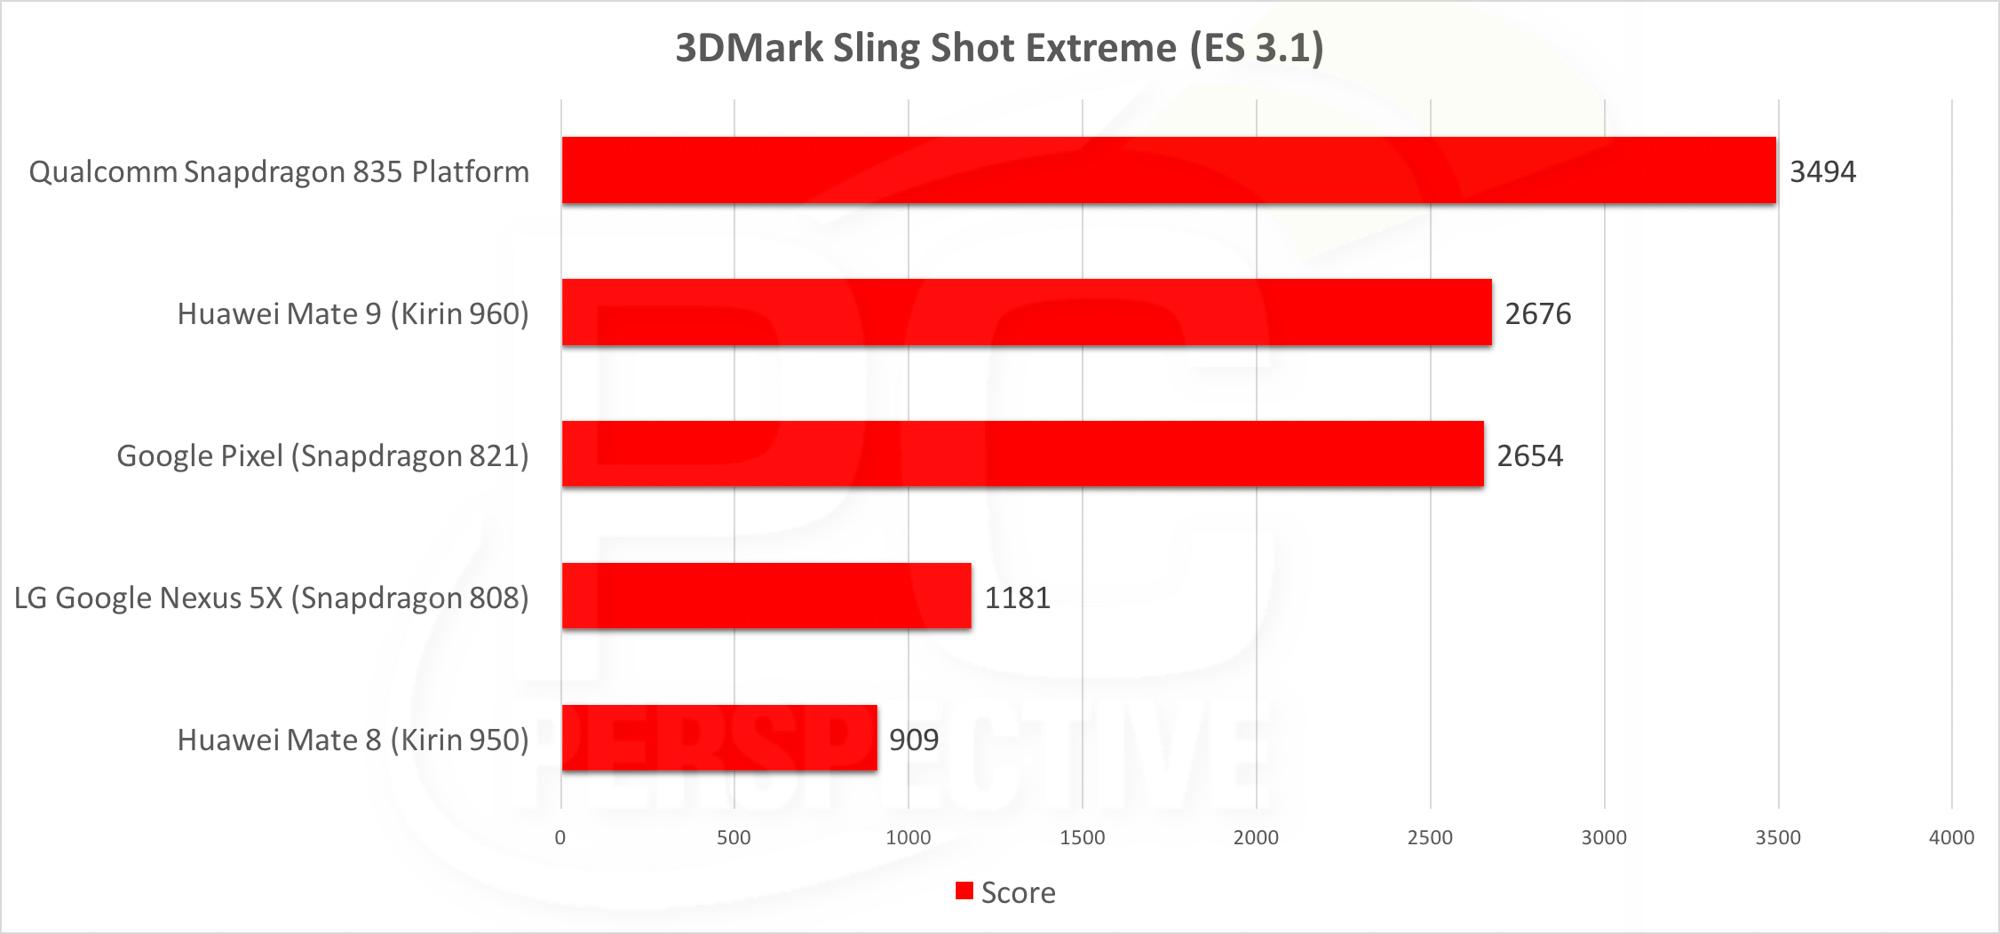 3dmark-sling-shot-extreme.jpg